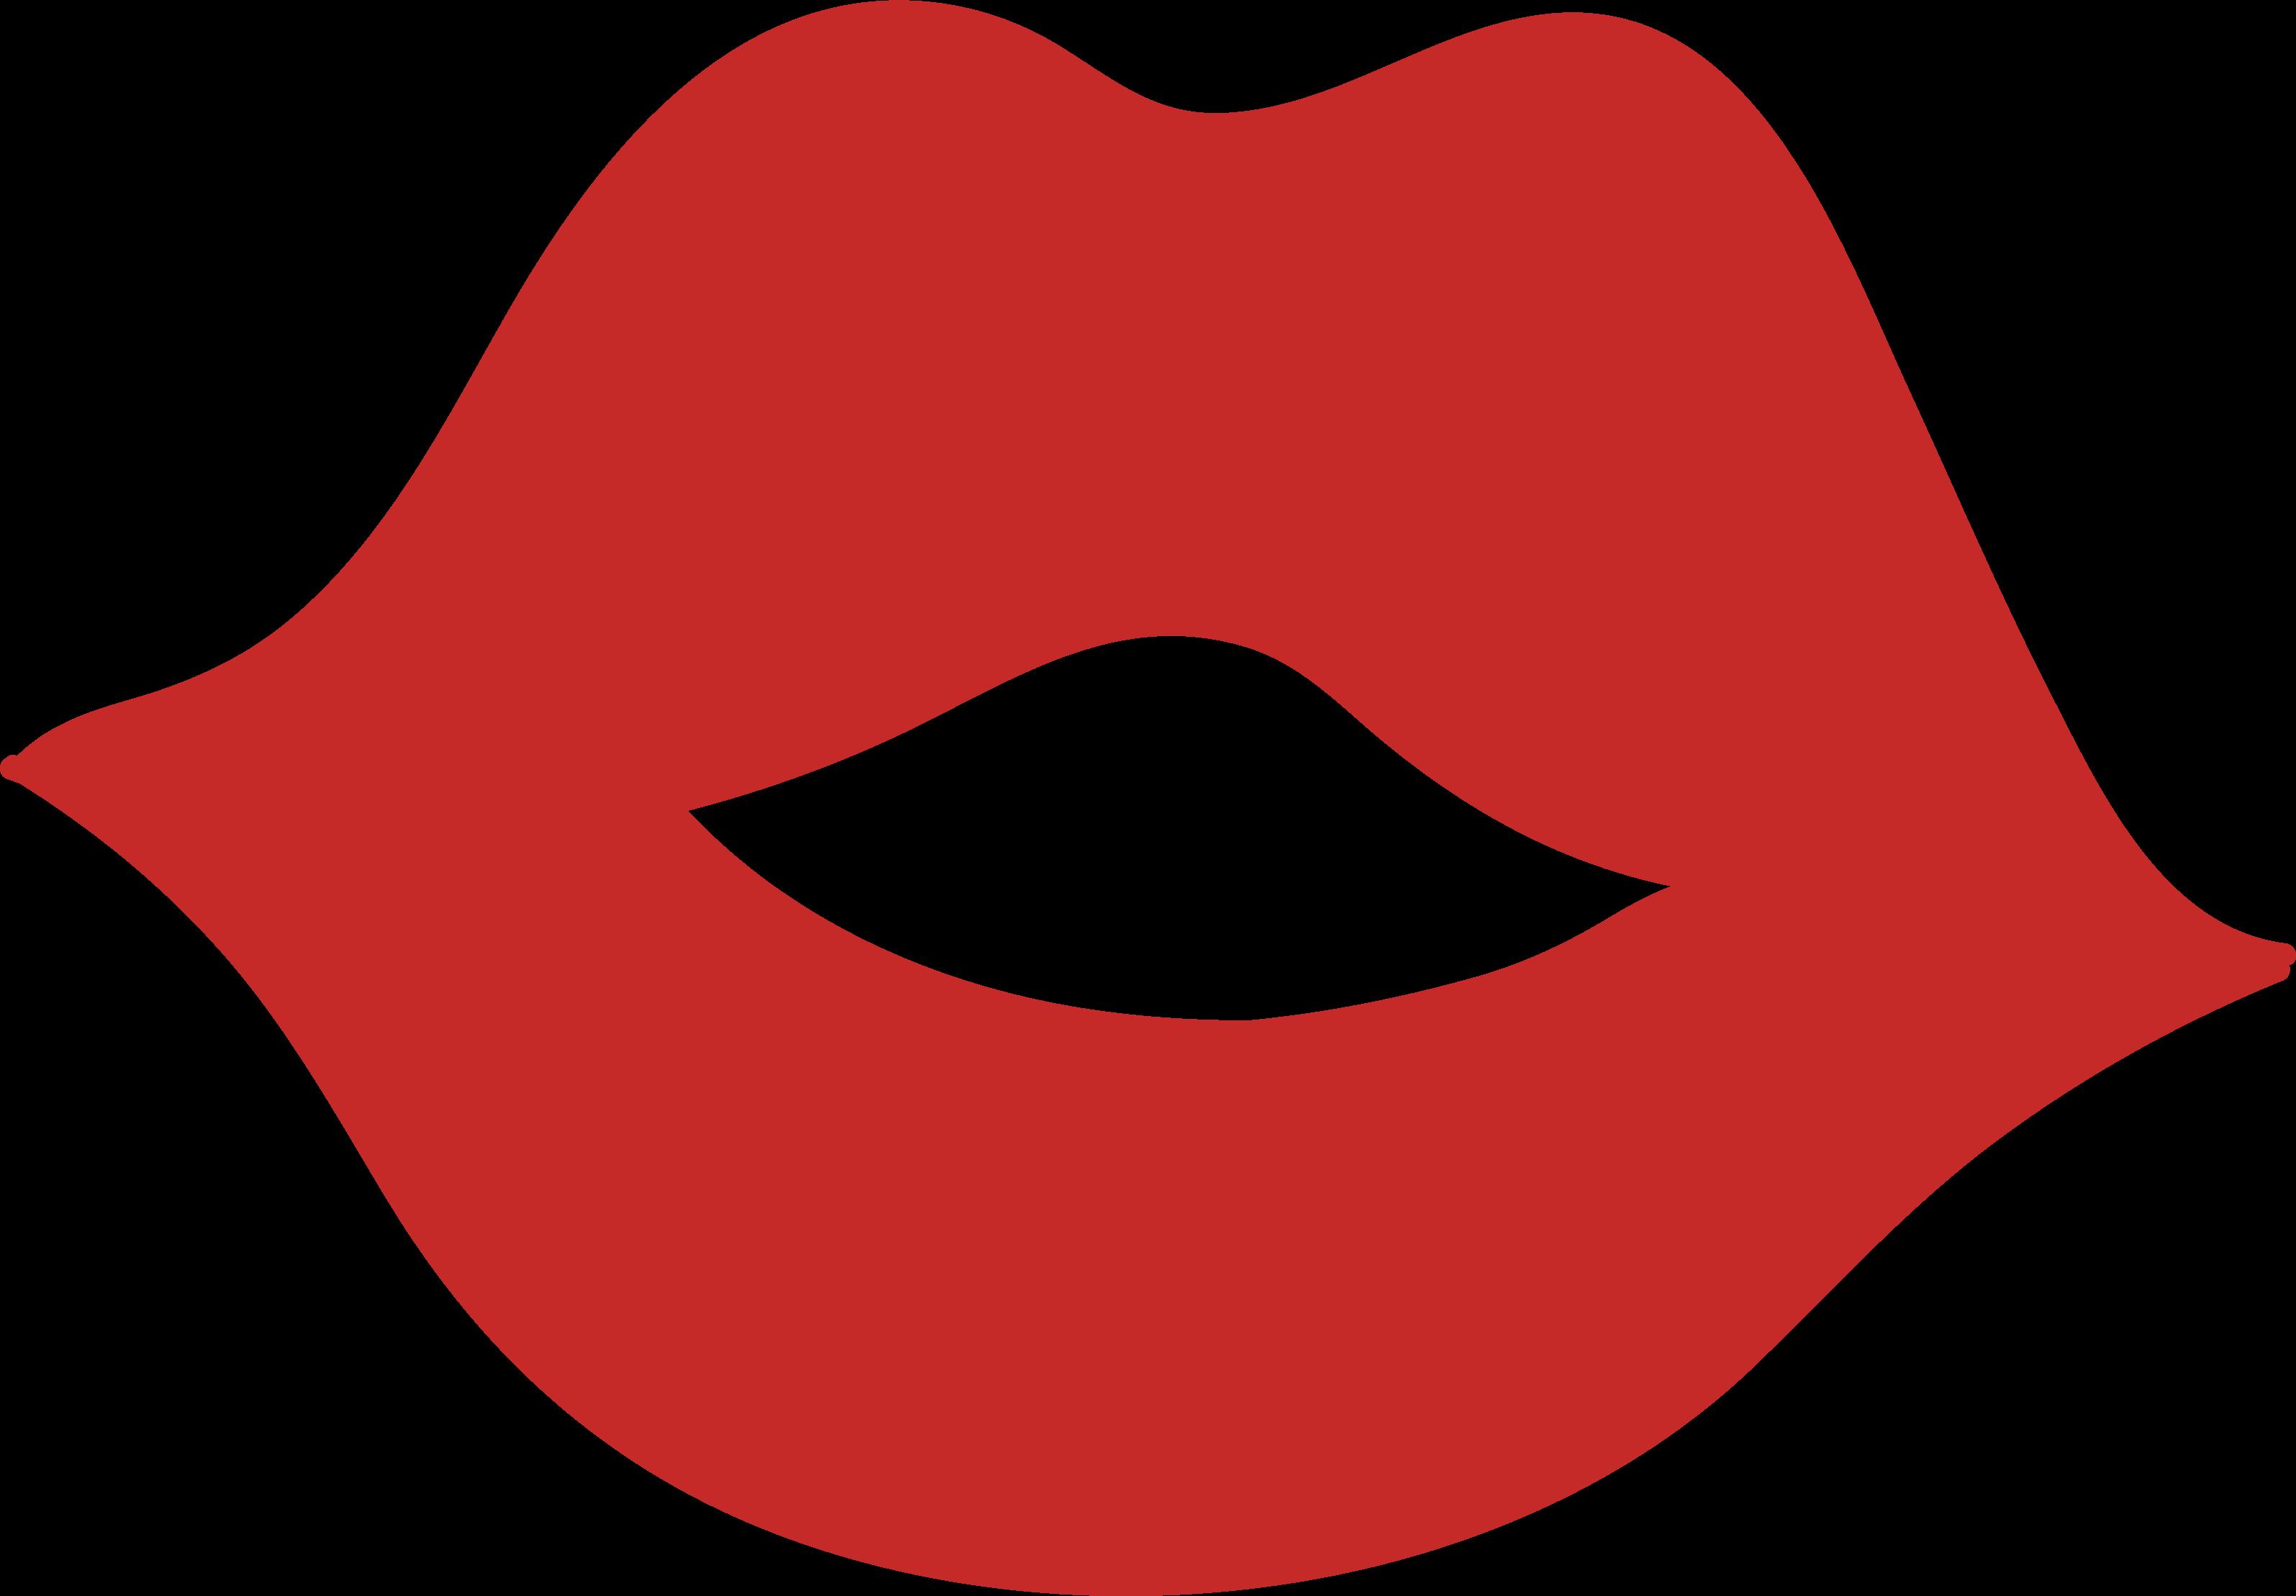 Salon Kiss SVG Cut File